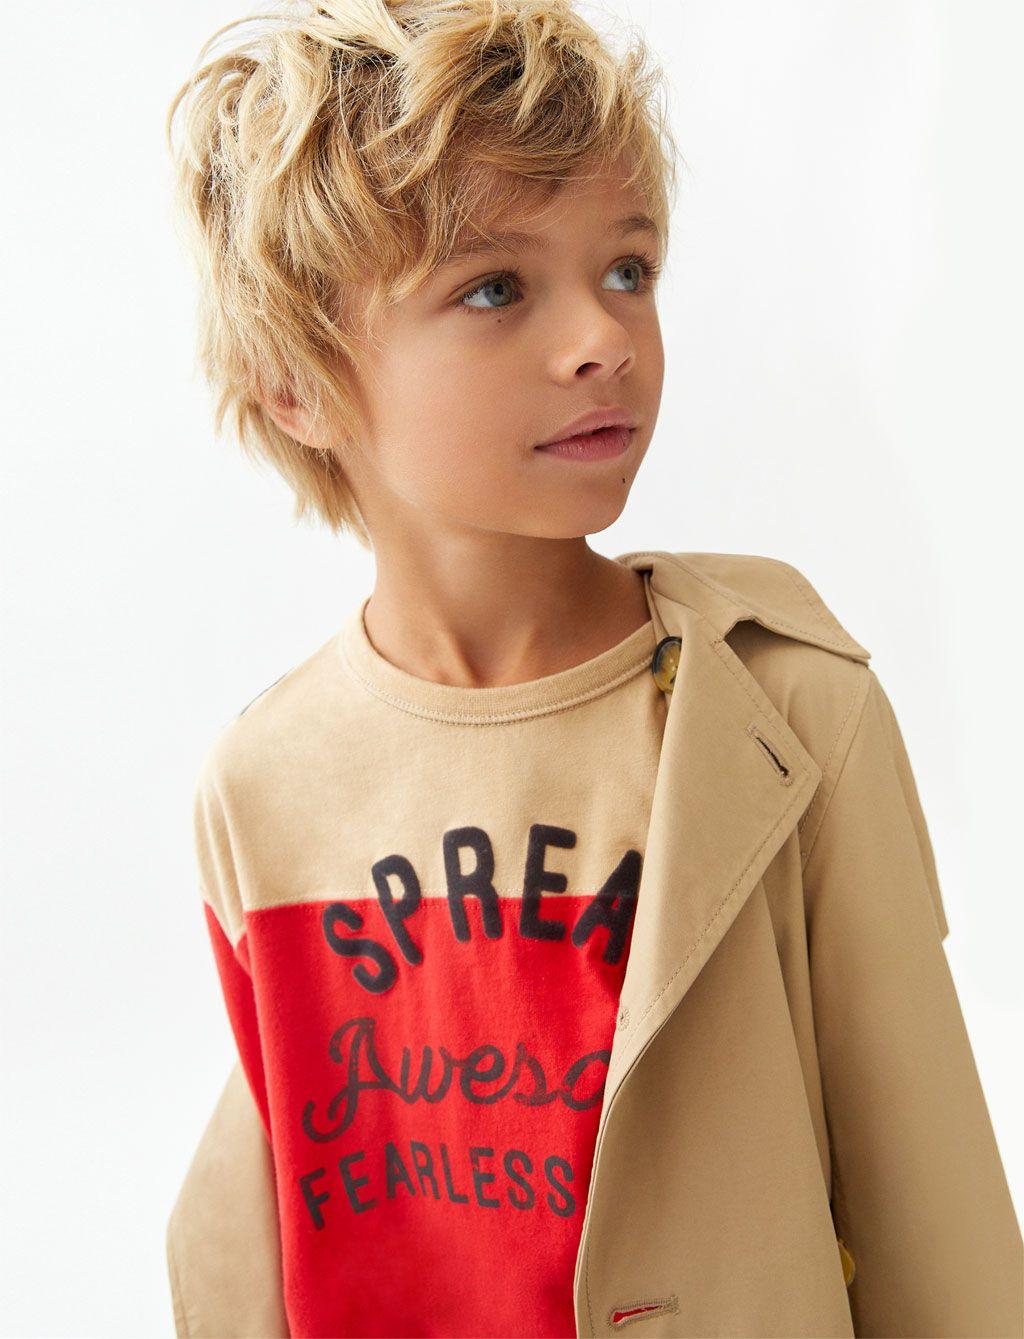 ac88bbac6 Kids  Fashion